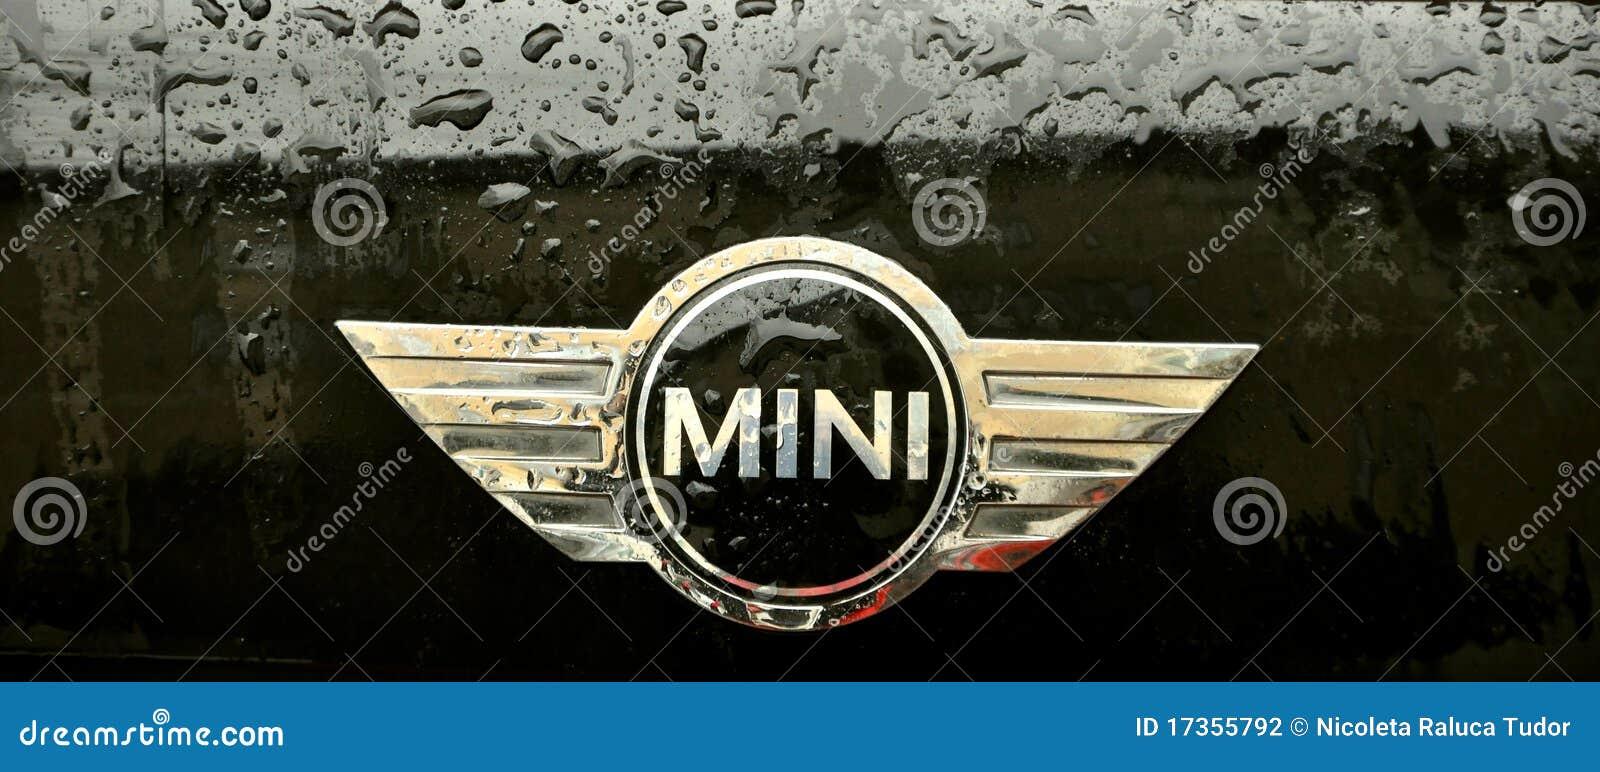 Minicooperlogo